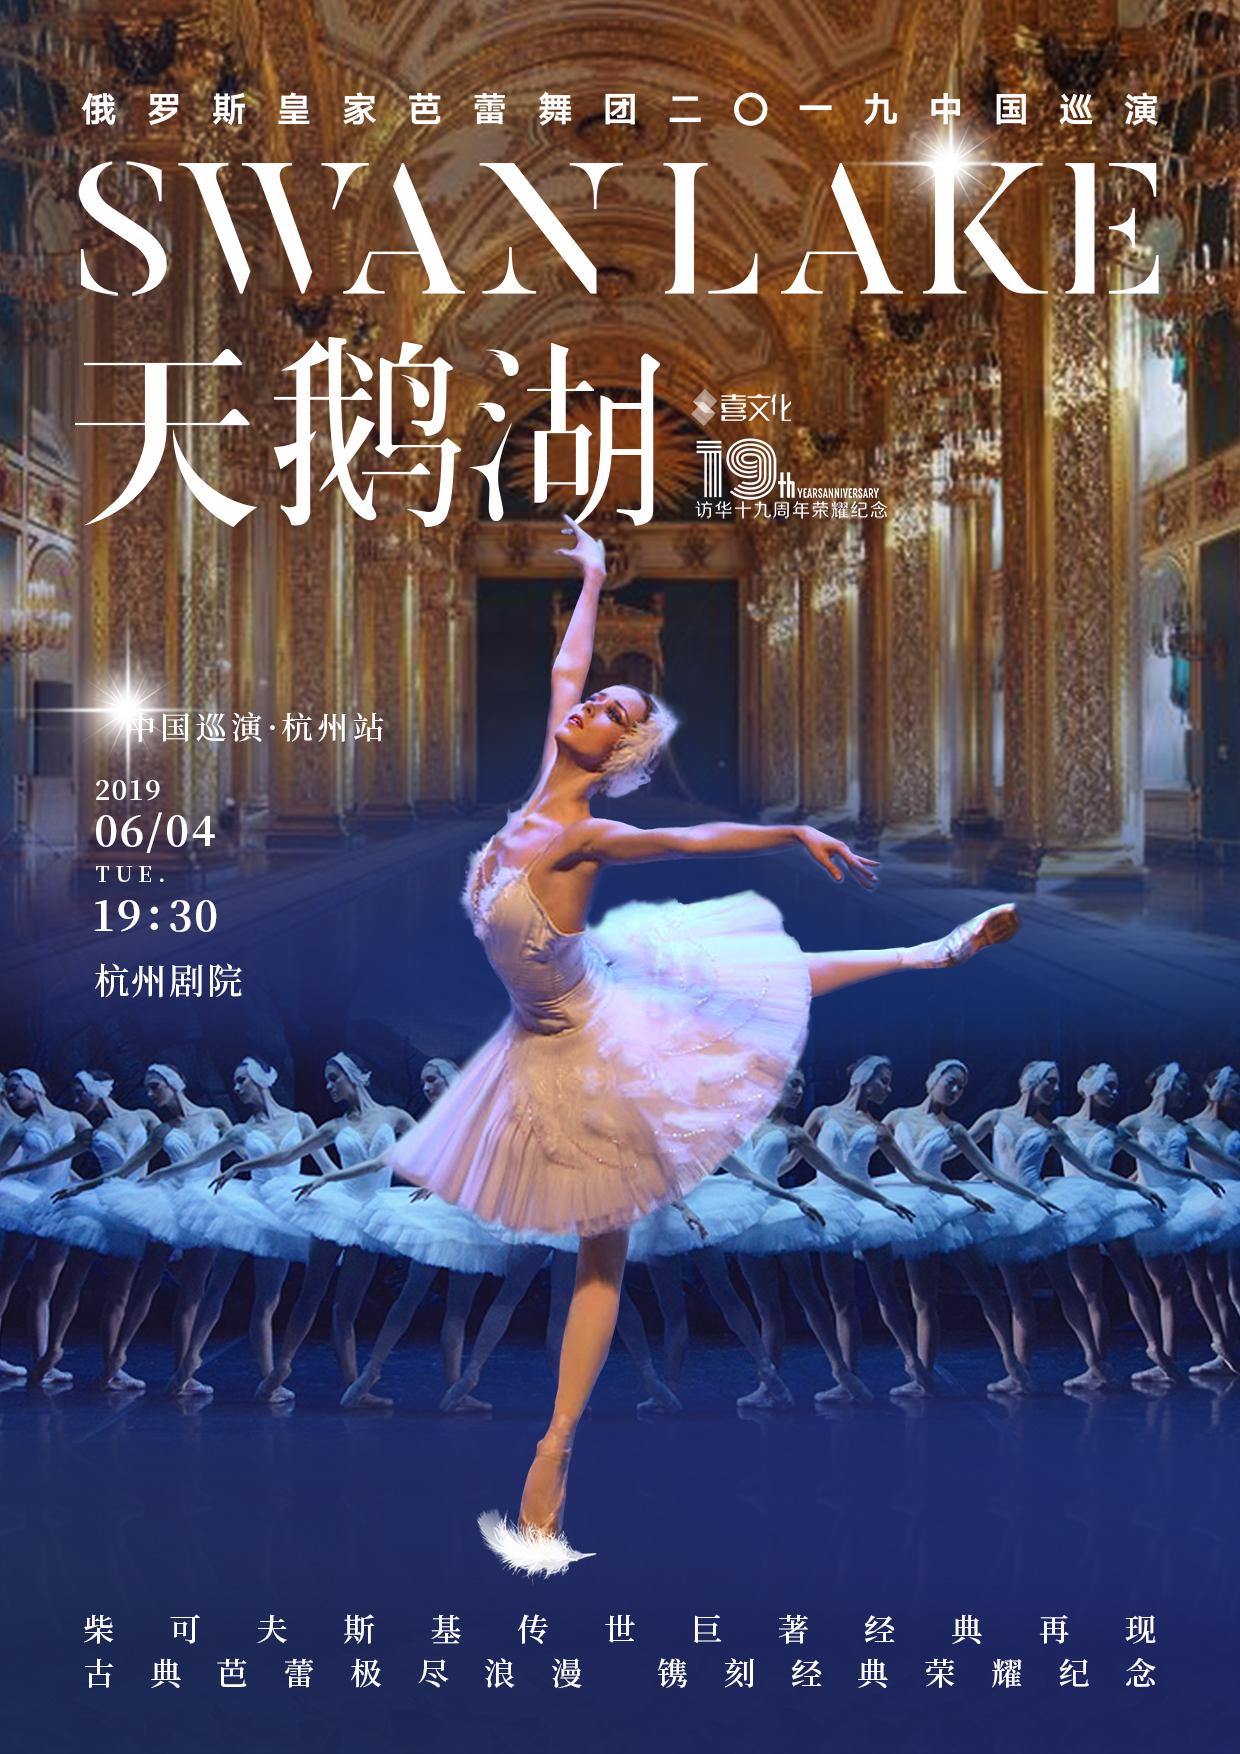 俄罗斯皇家芭蕾舞团《天鹅湖》杭州站